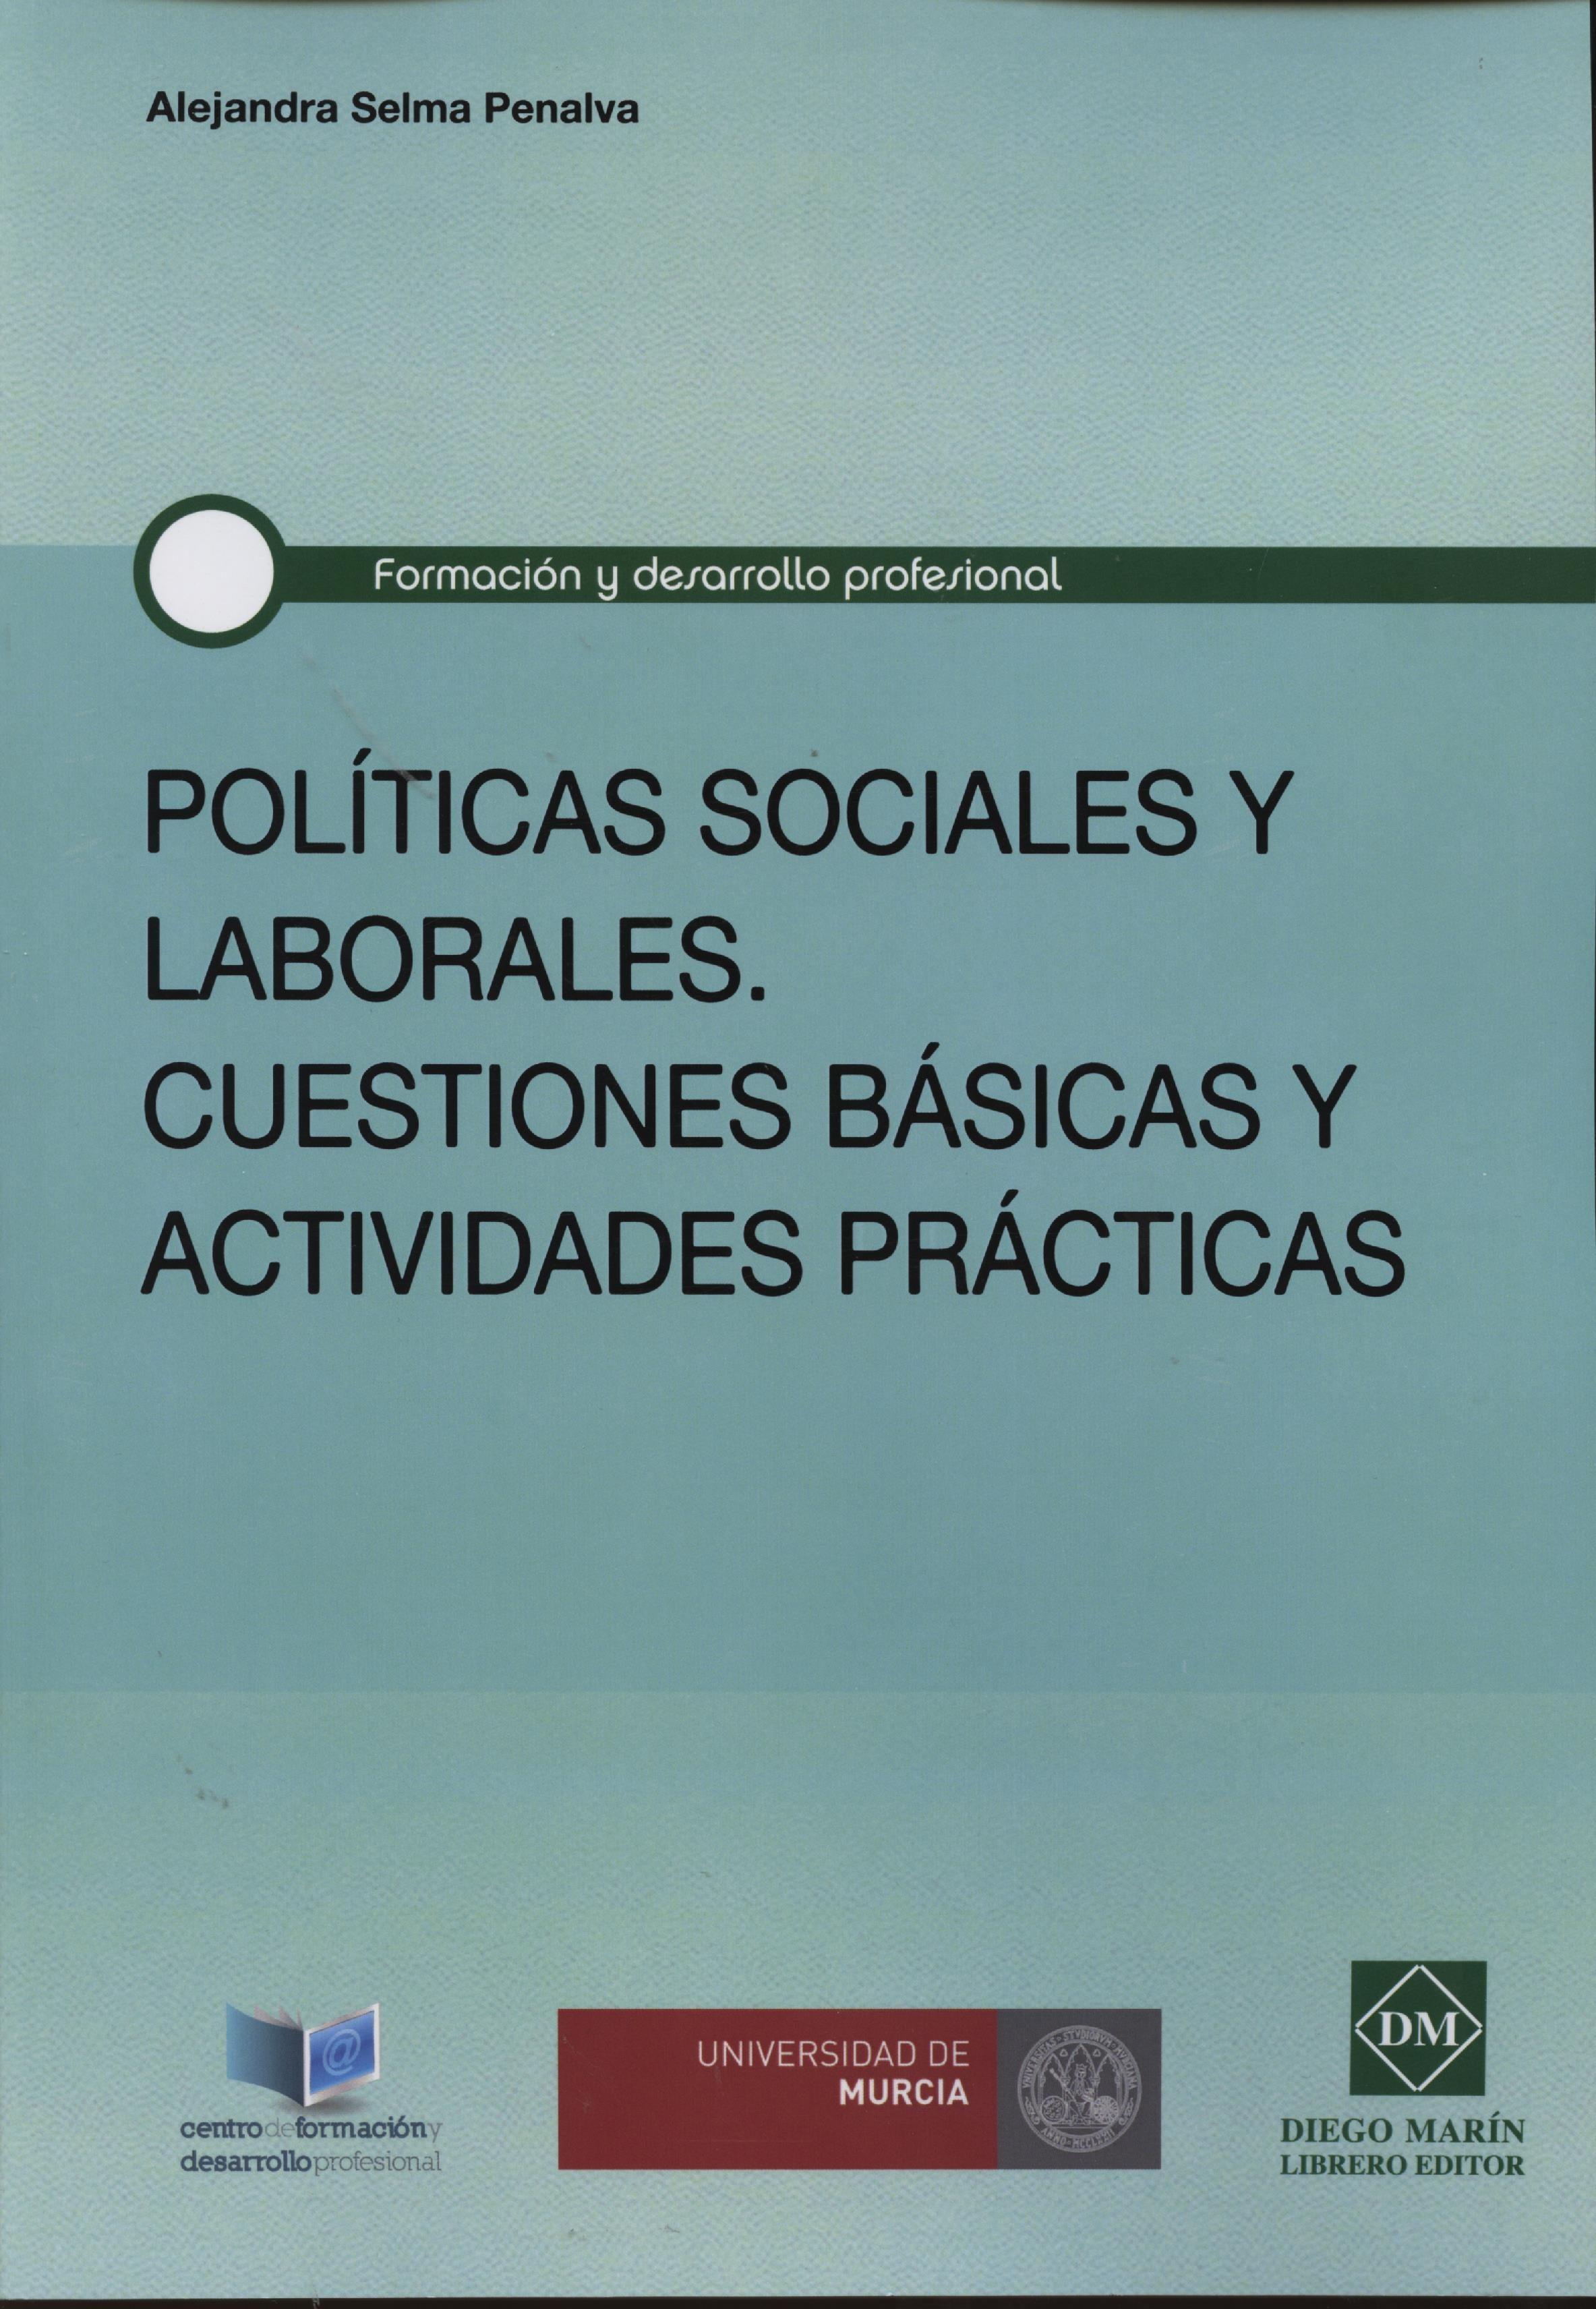 POLÍTICAS SOCIALES Y LABORALES: CUESTIONES BÁSICAS Y ACTIVIDADES PRÁCTICAS